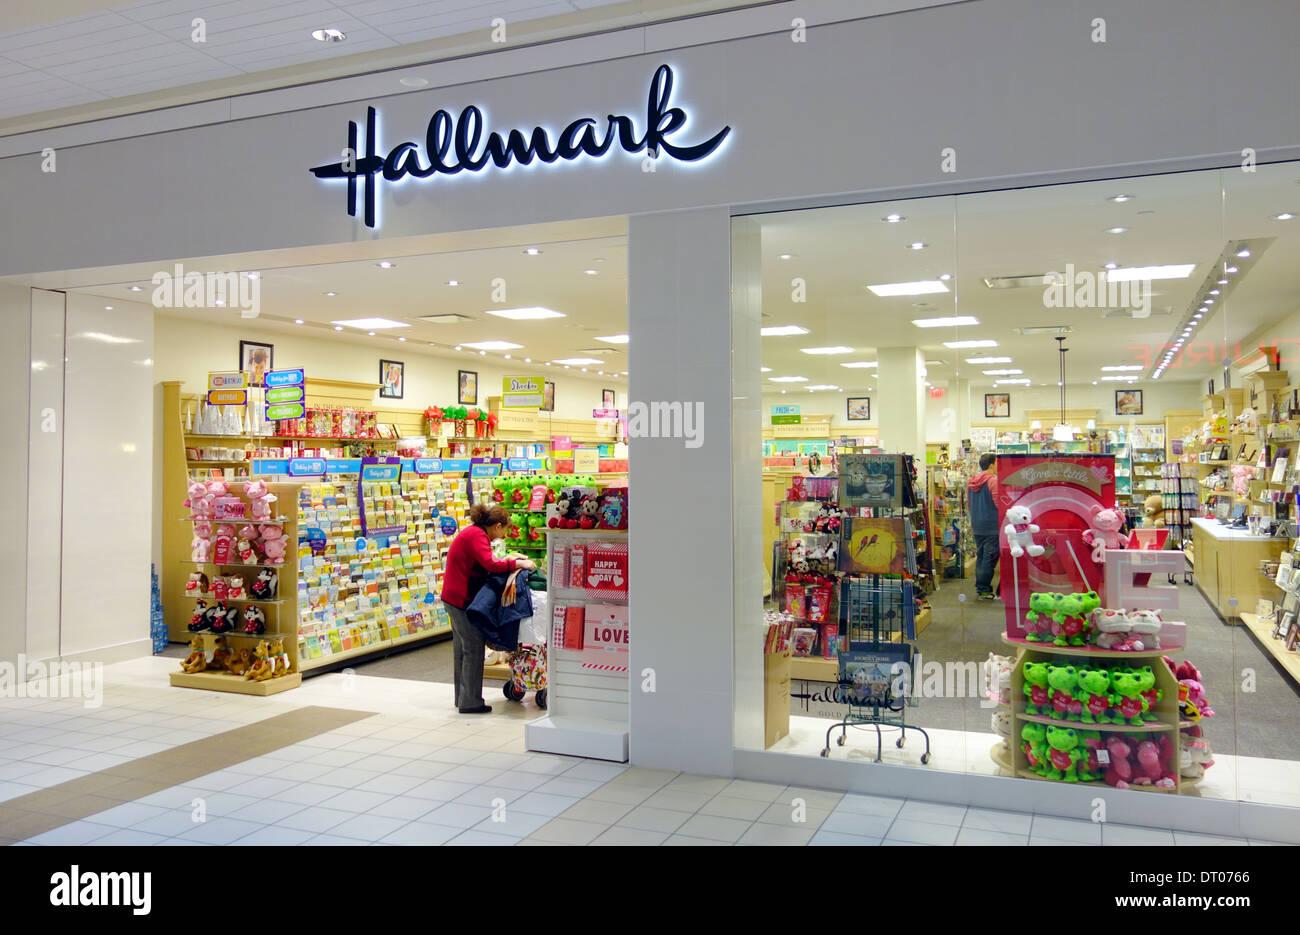 Hallmark Store In A Mall In Toronto Canada Stock Photo